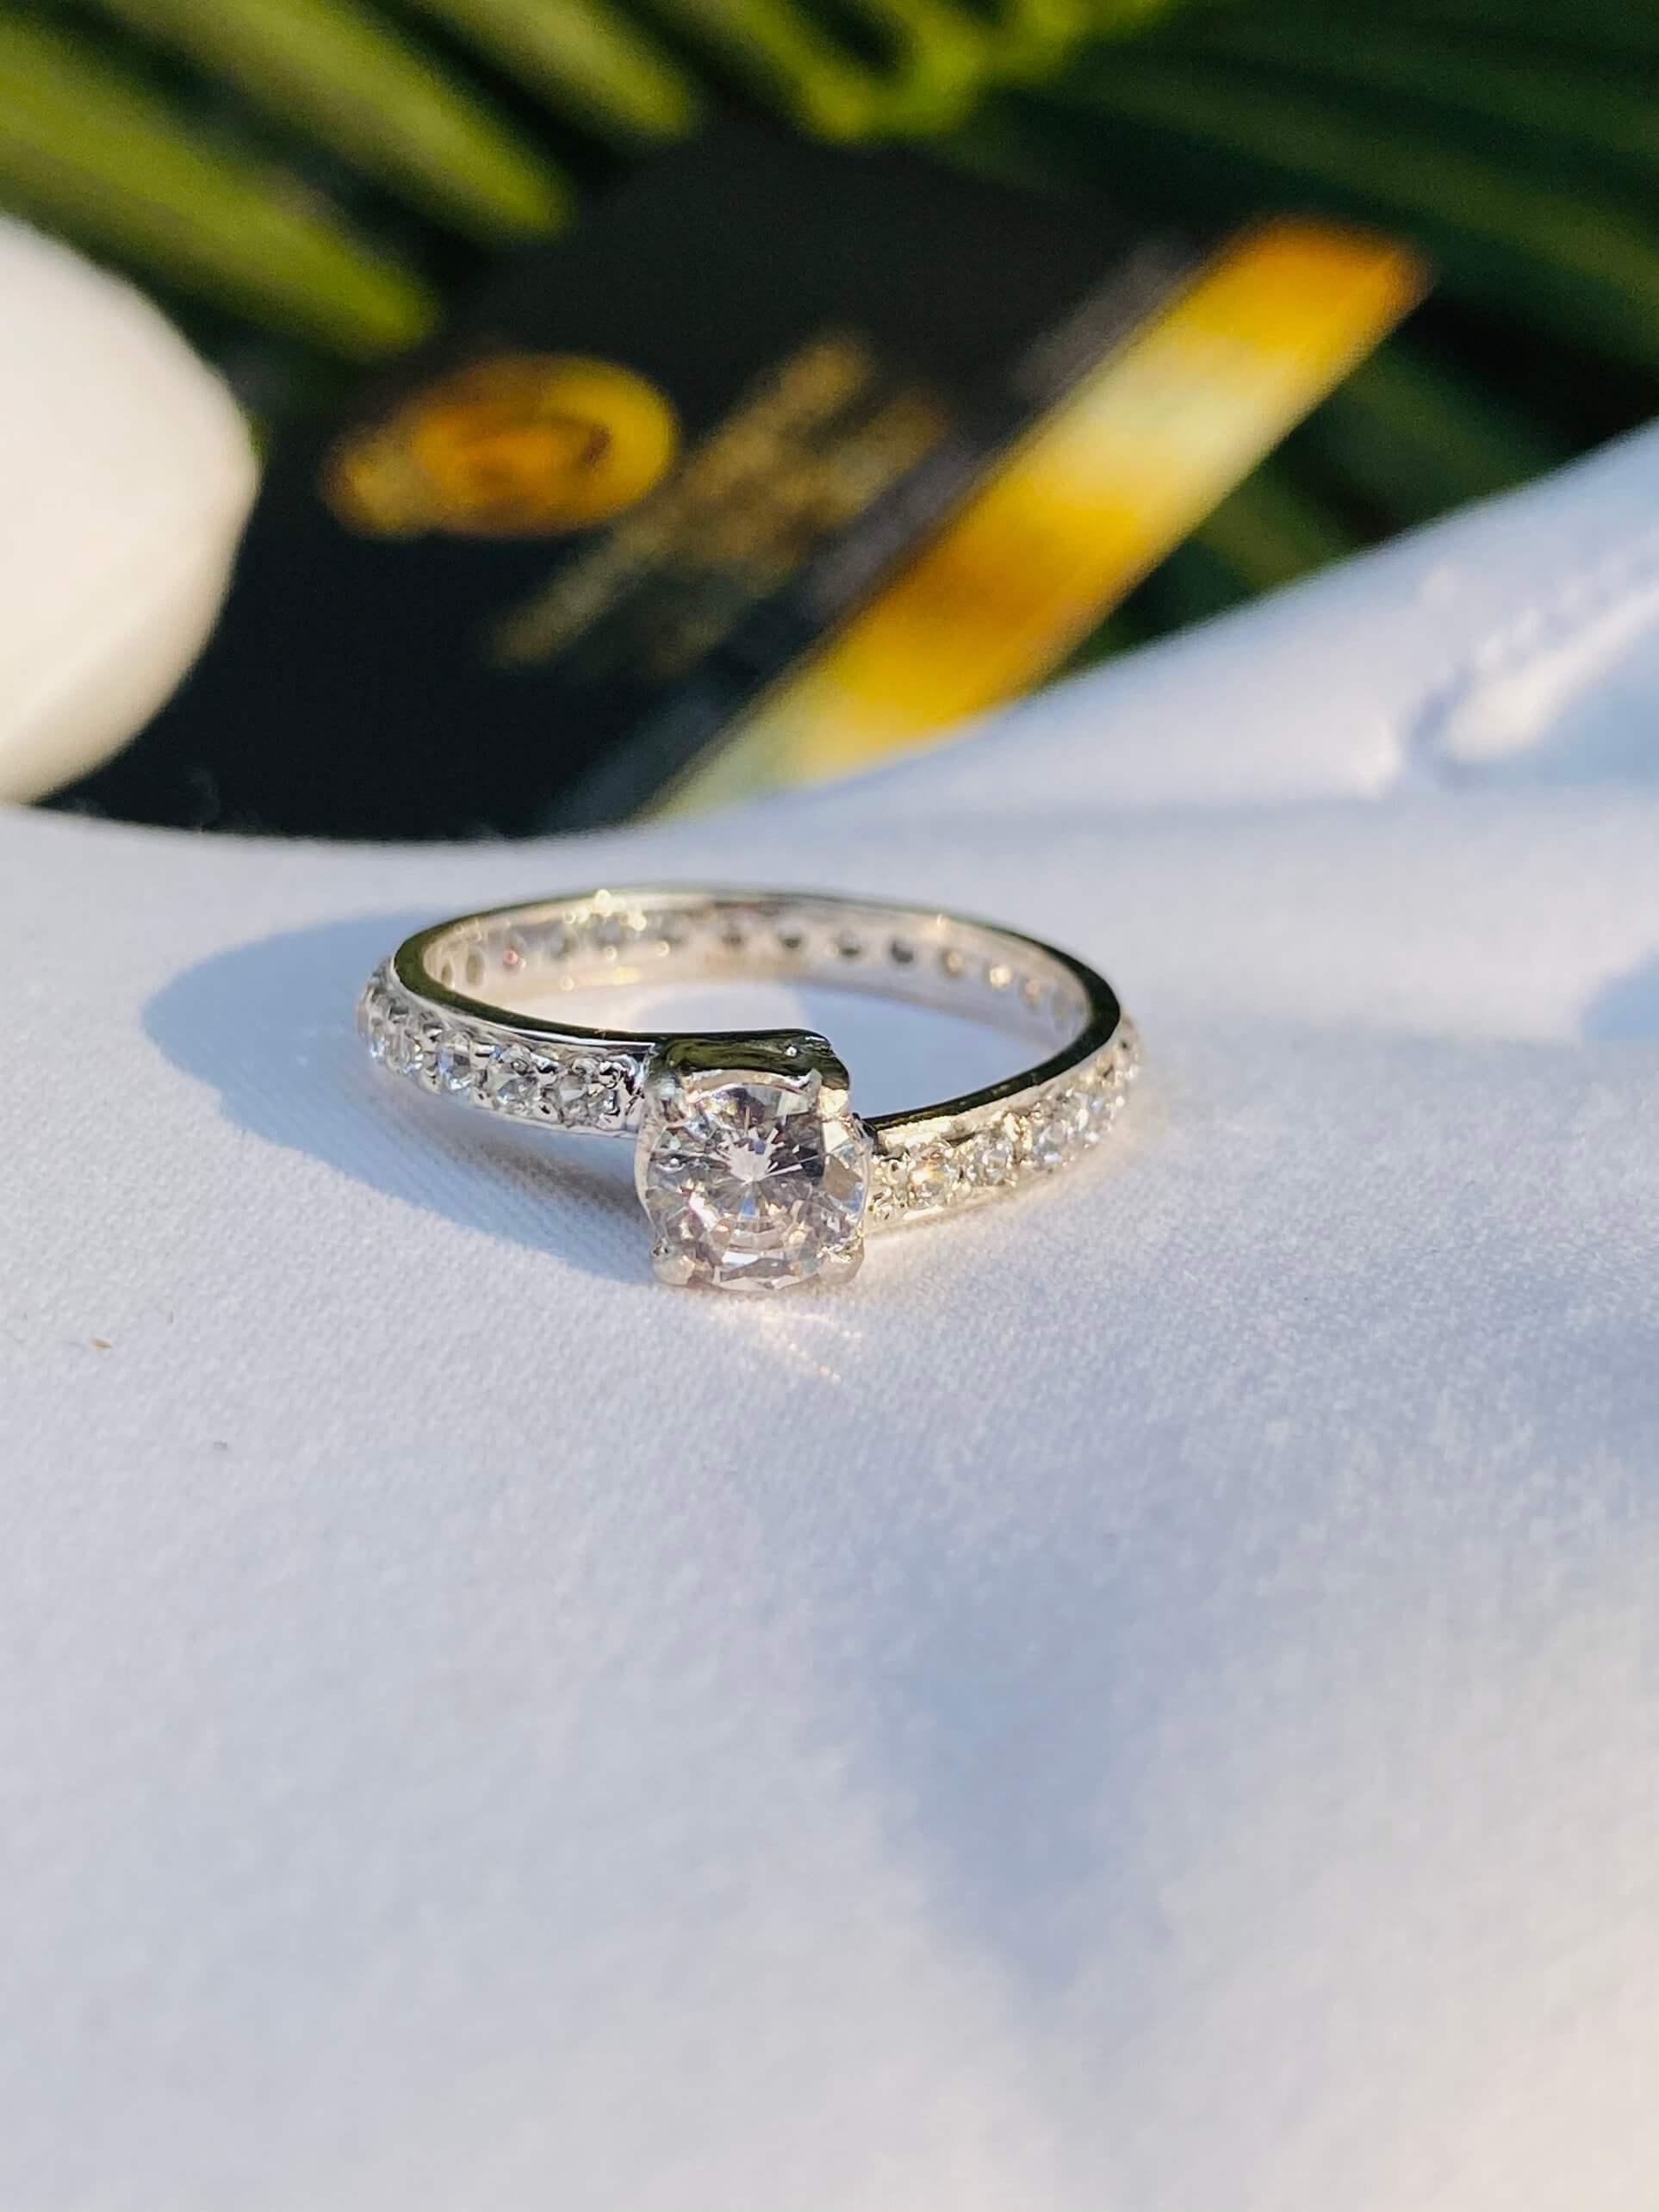 Nhẫn nữ chéo chạy tấm xoàn Moissanite 4li vàng trắng 18K là món trang sức tinh tế